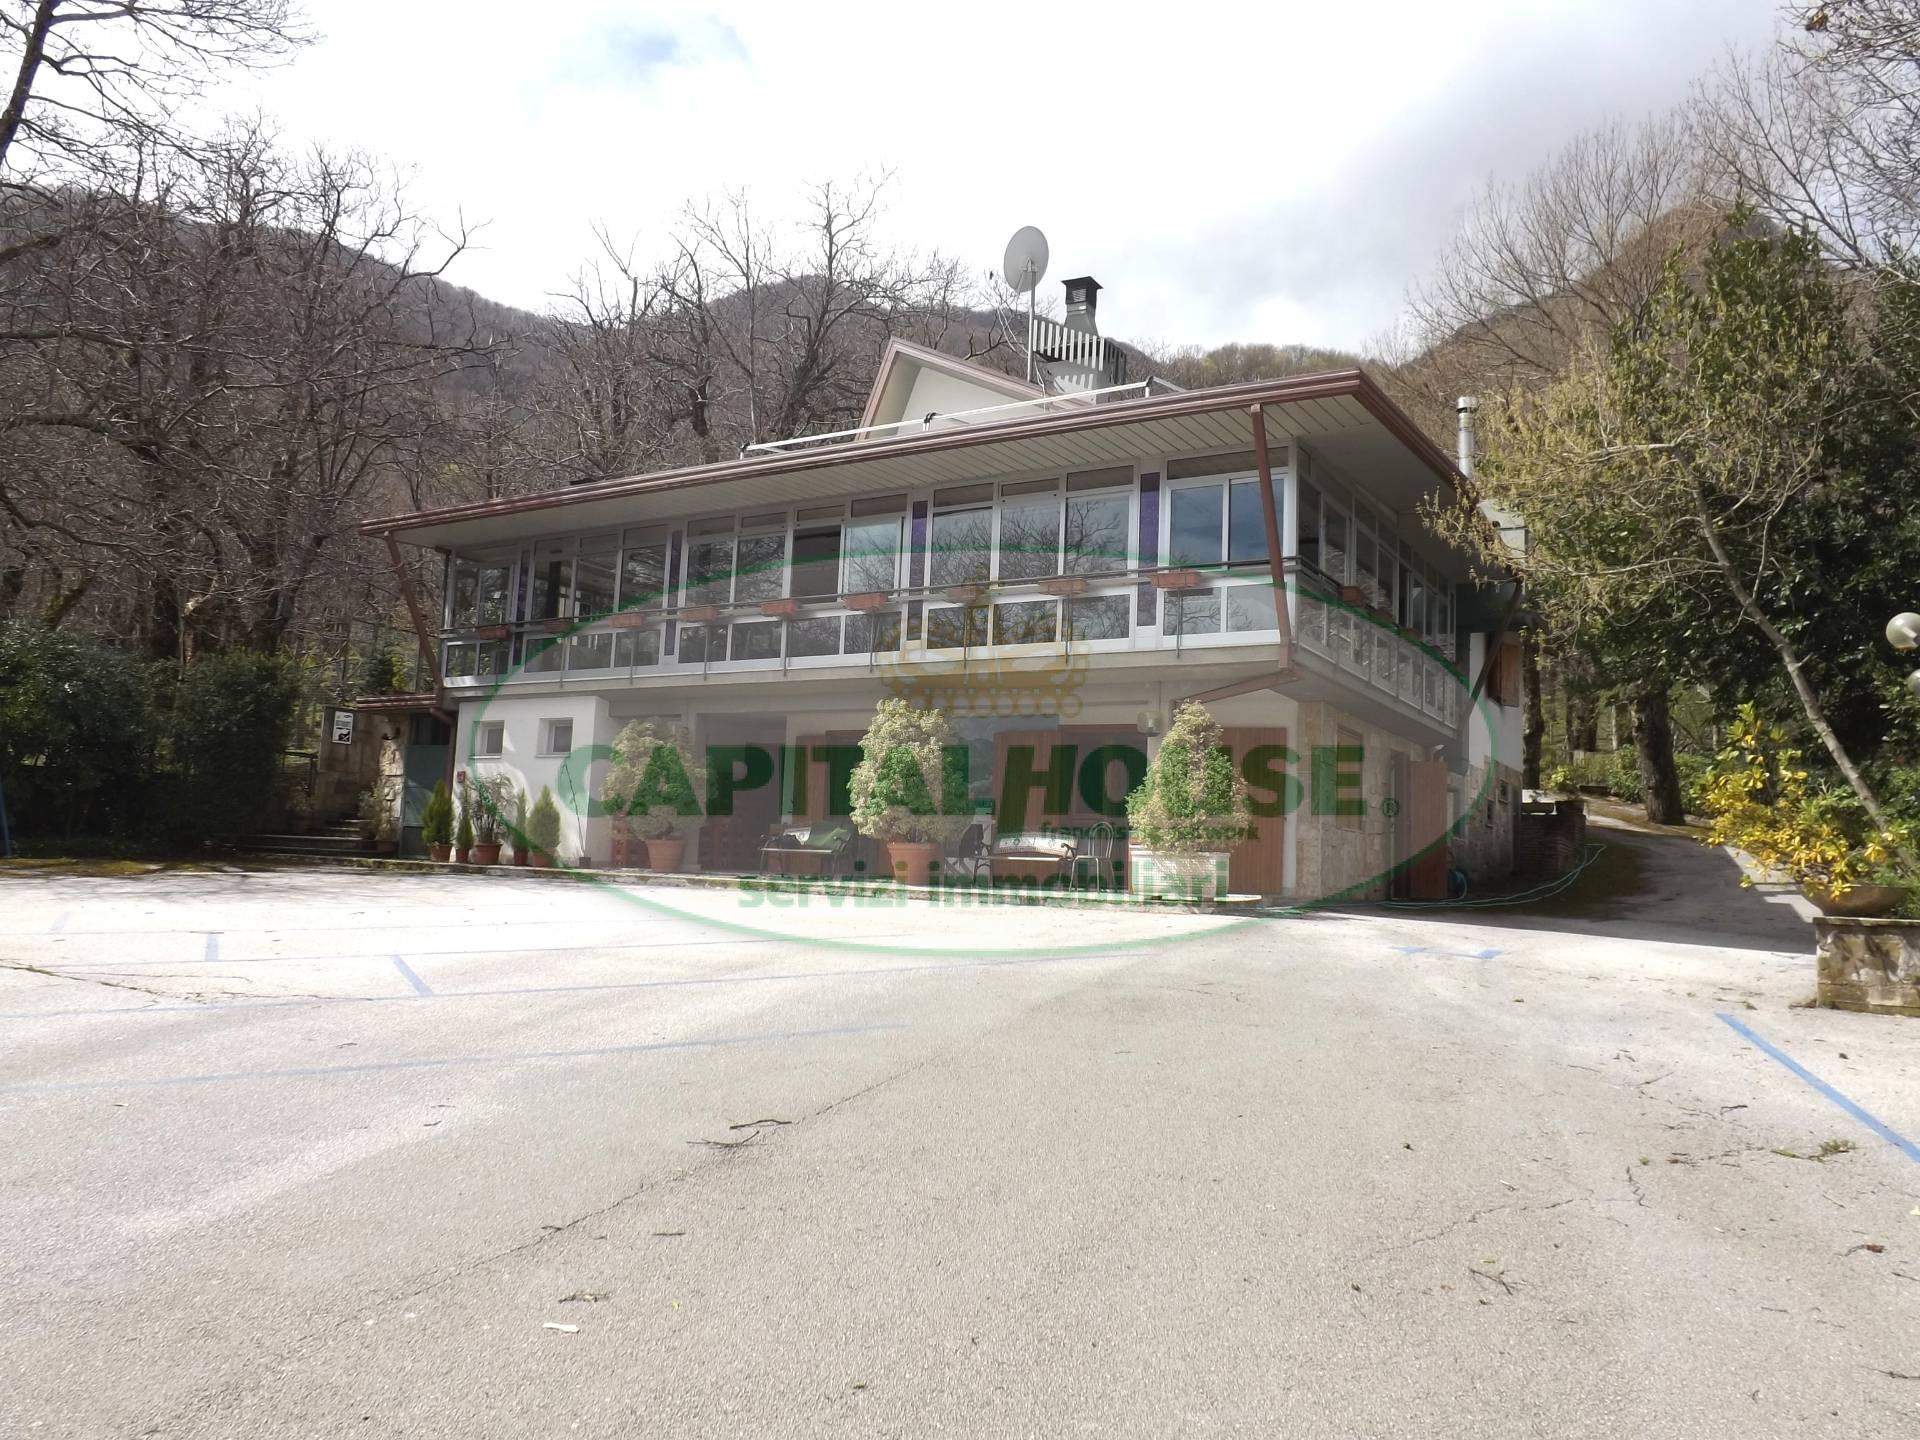 Negozio / Locale in vendita a Serino, 9999 locali, prezzo € 180.000 | CambioCasa.it